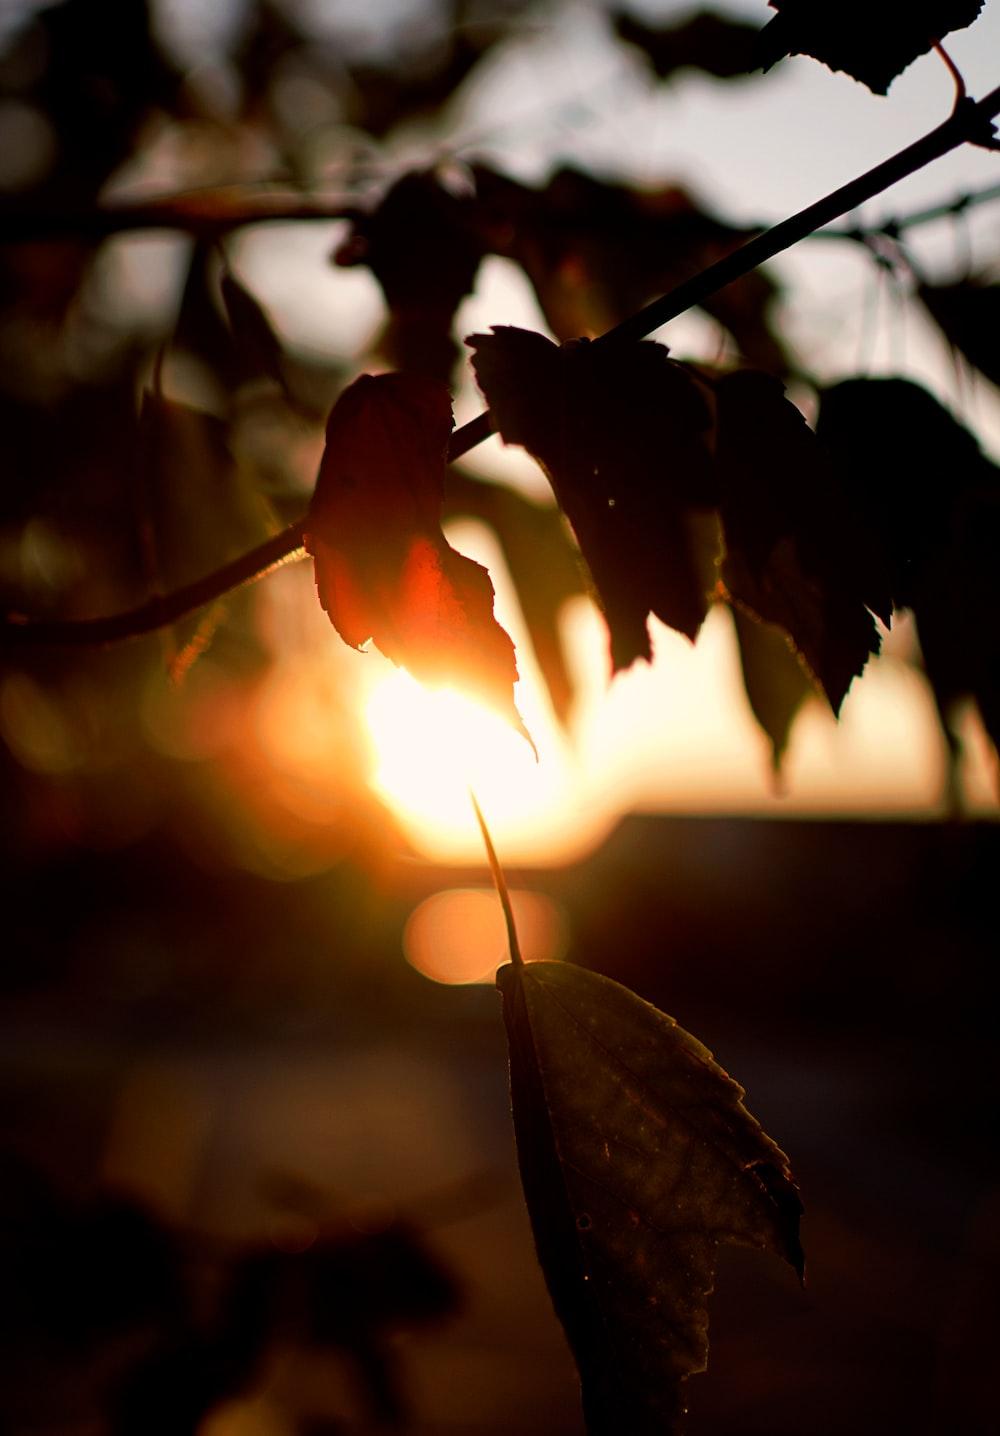 brown leafed plants